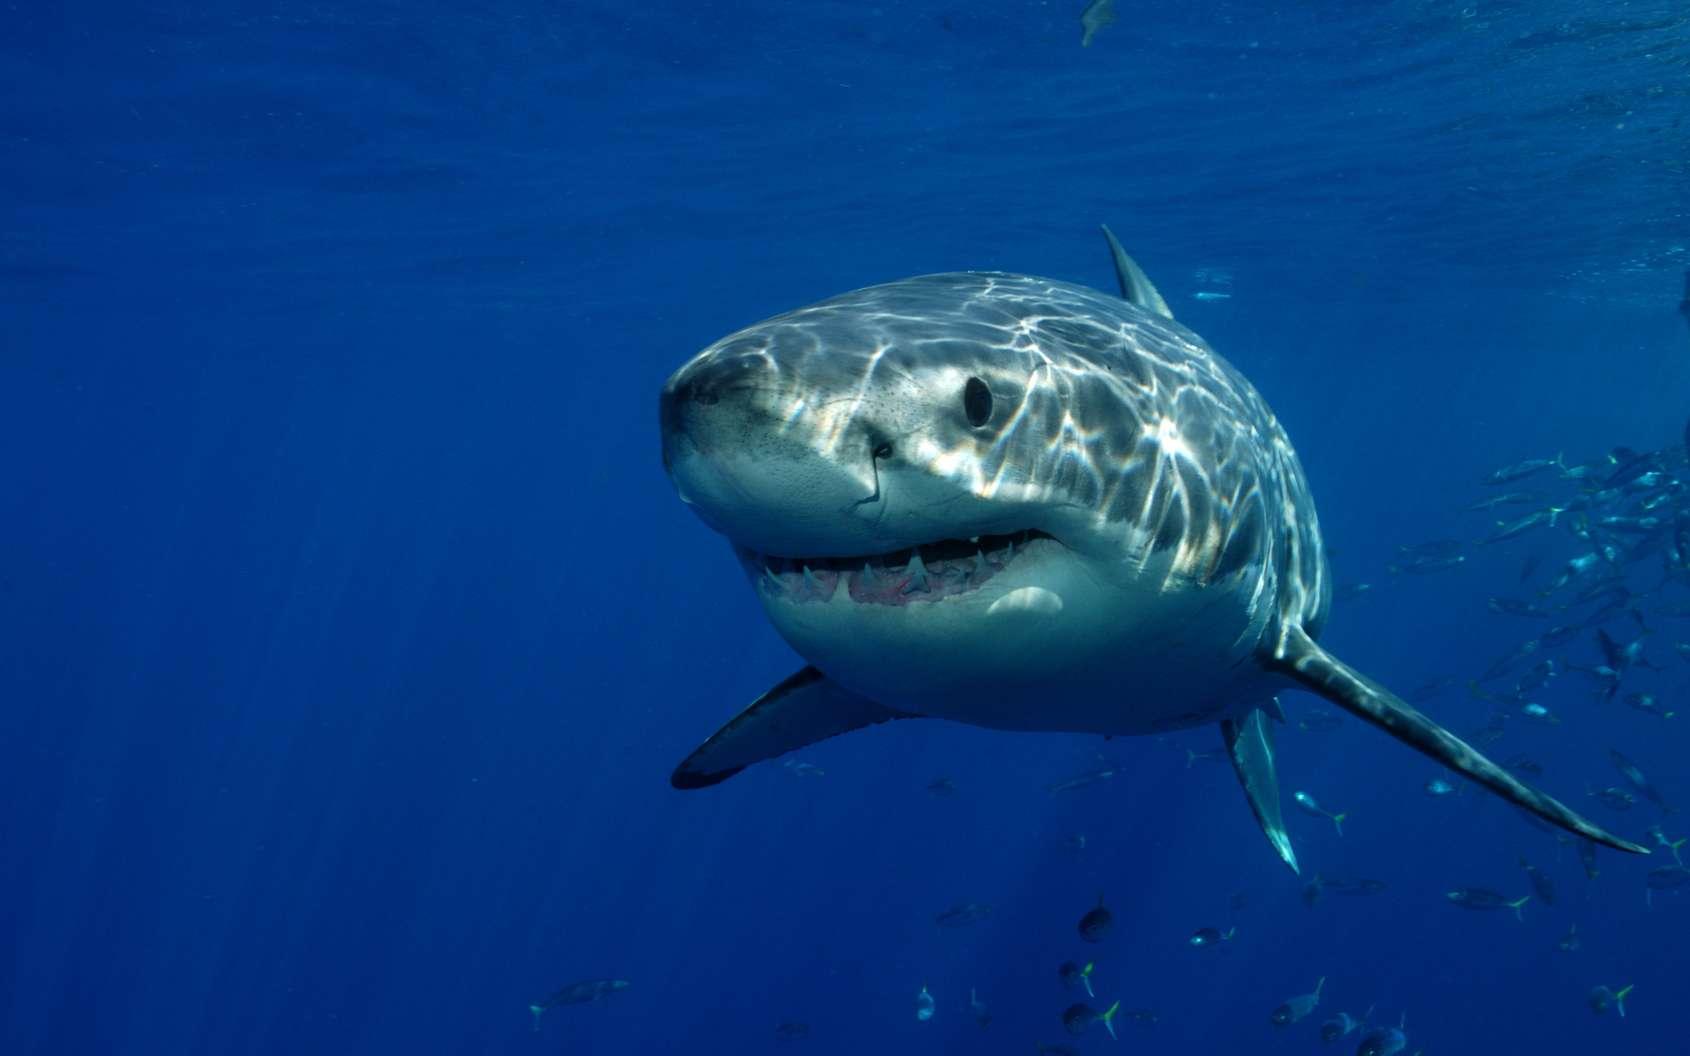 Le requin, un véritable survivant de l'histoire terrestre. © Davidpstephens, Fotolia